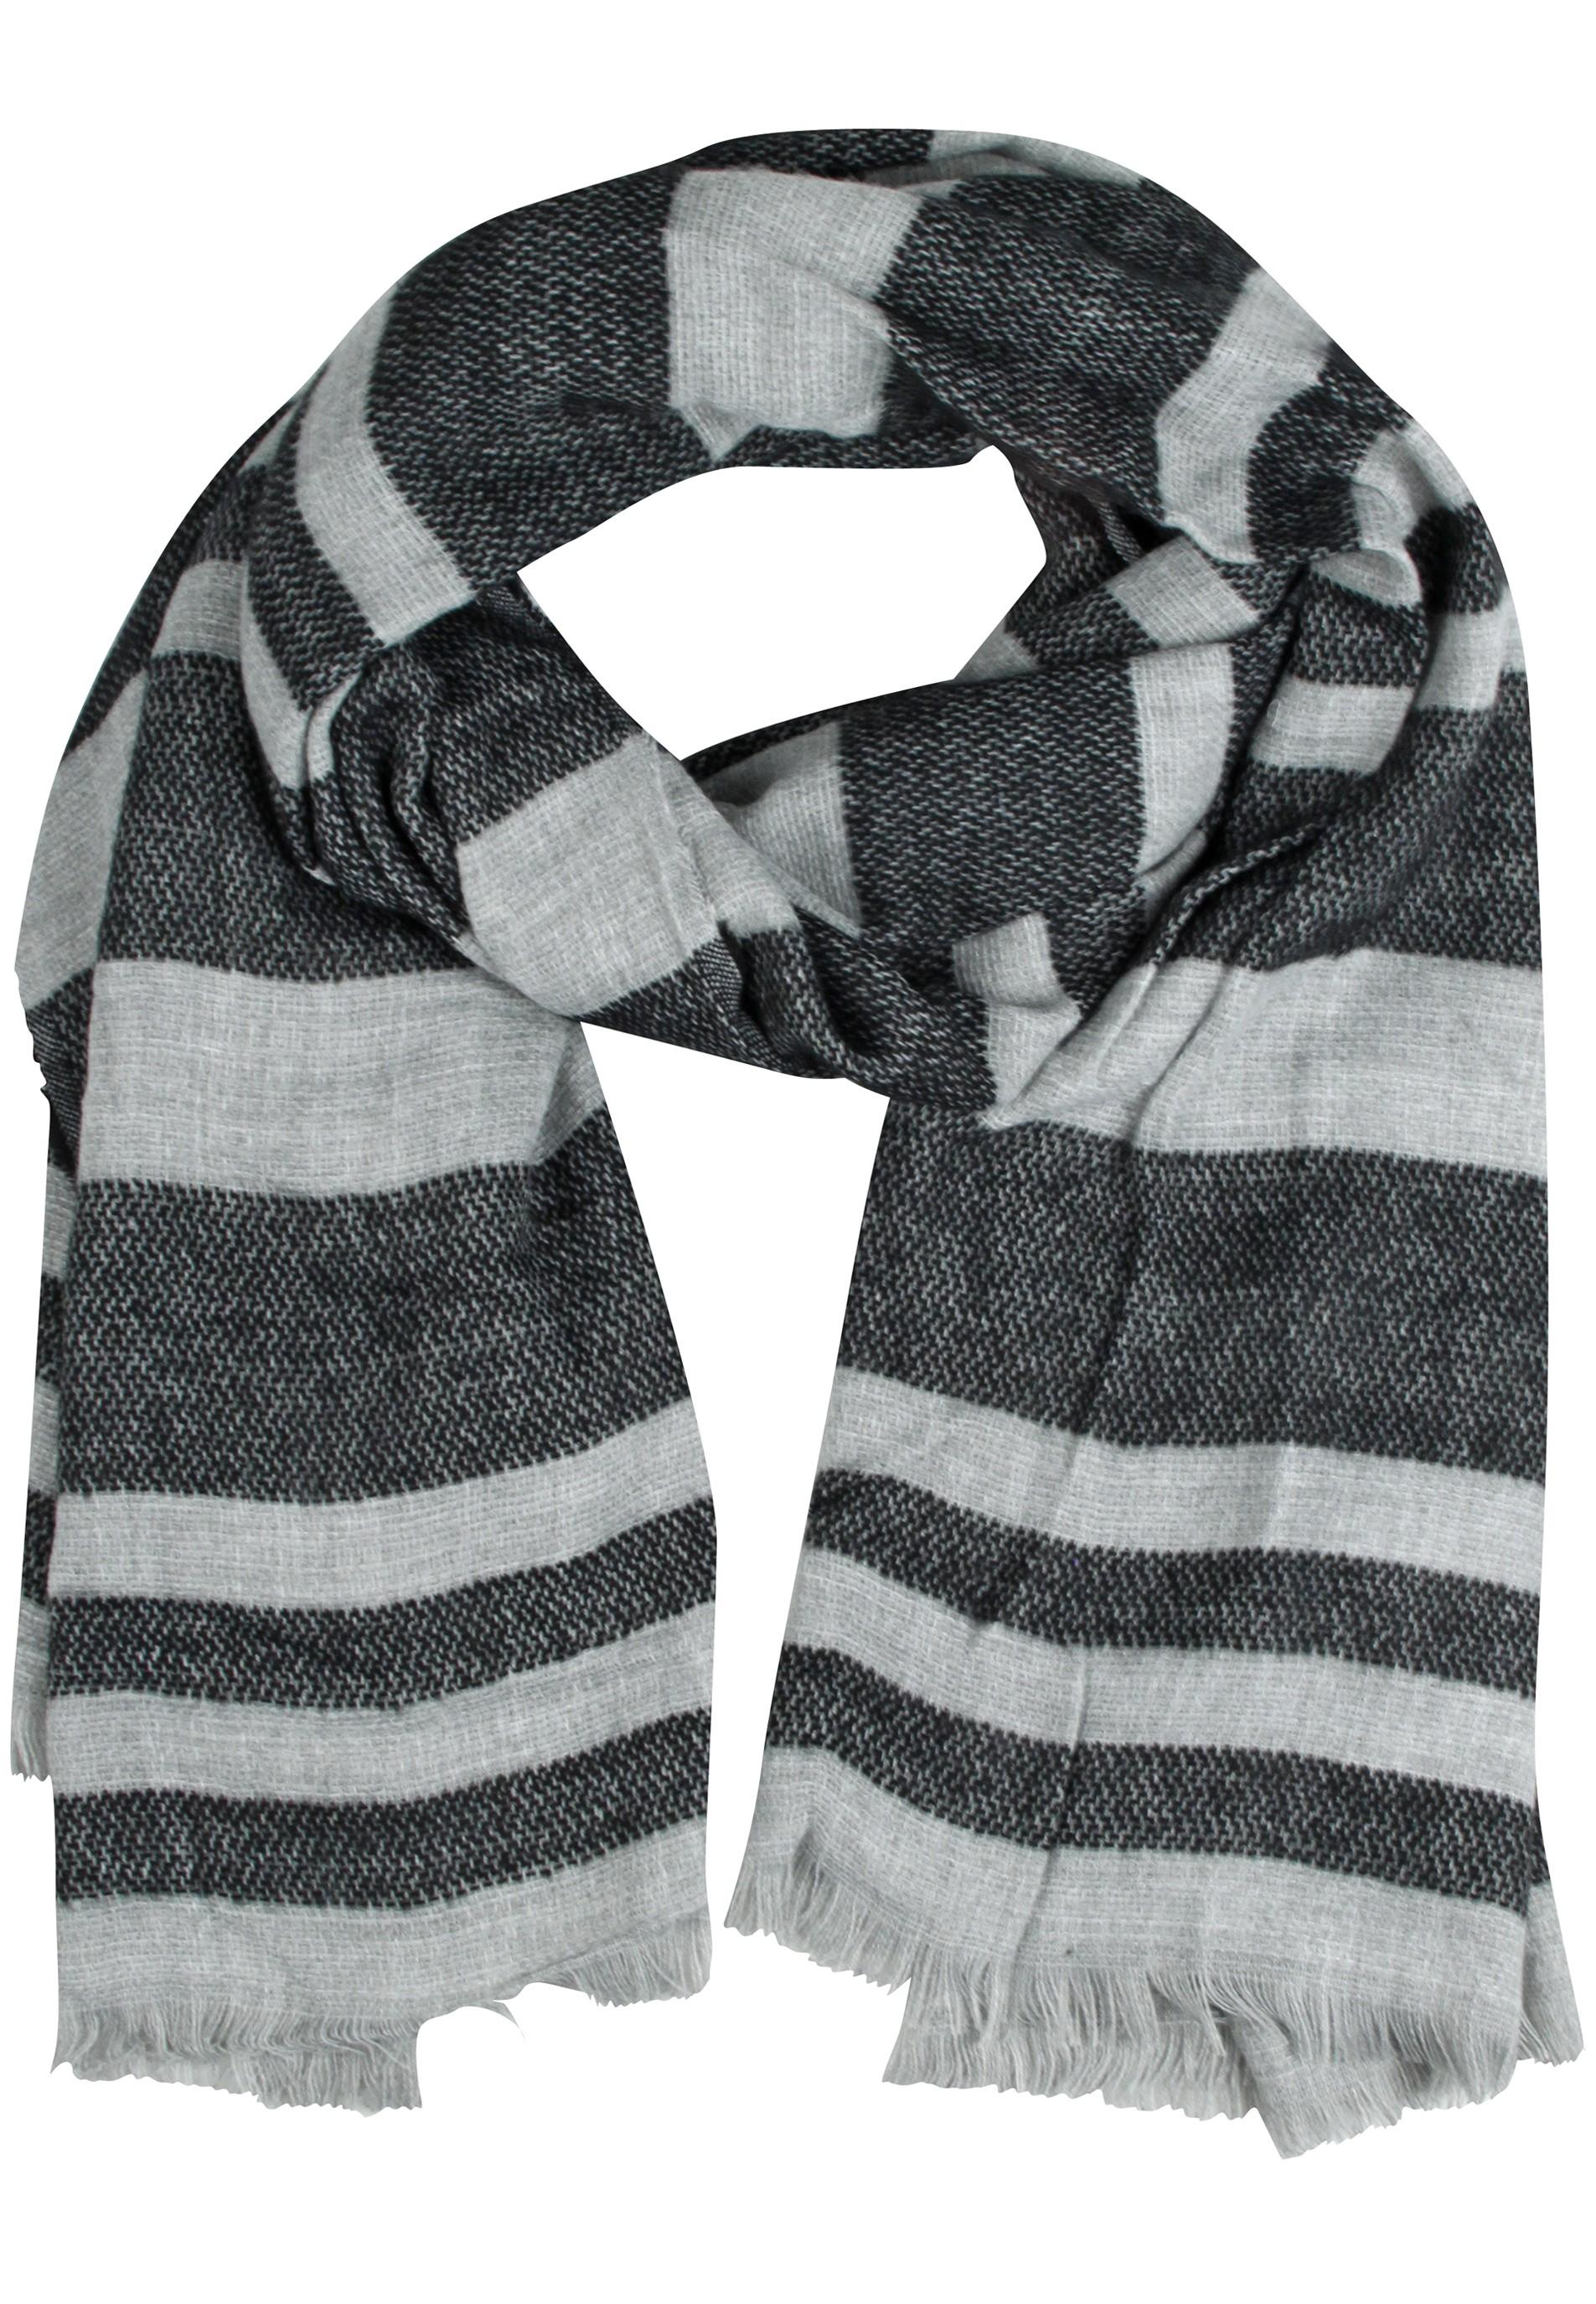 Stylischer Schal in vier verschiedenen Farben